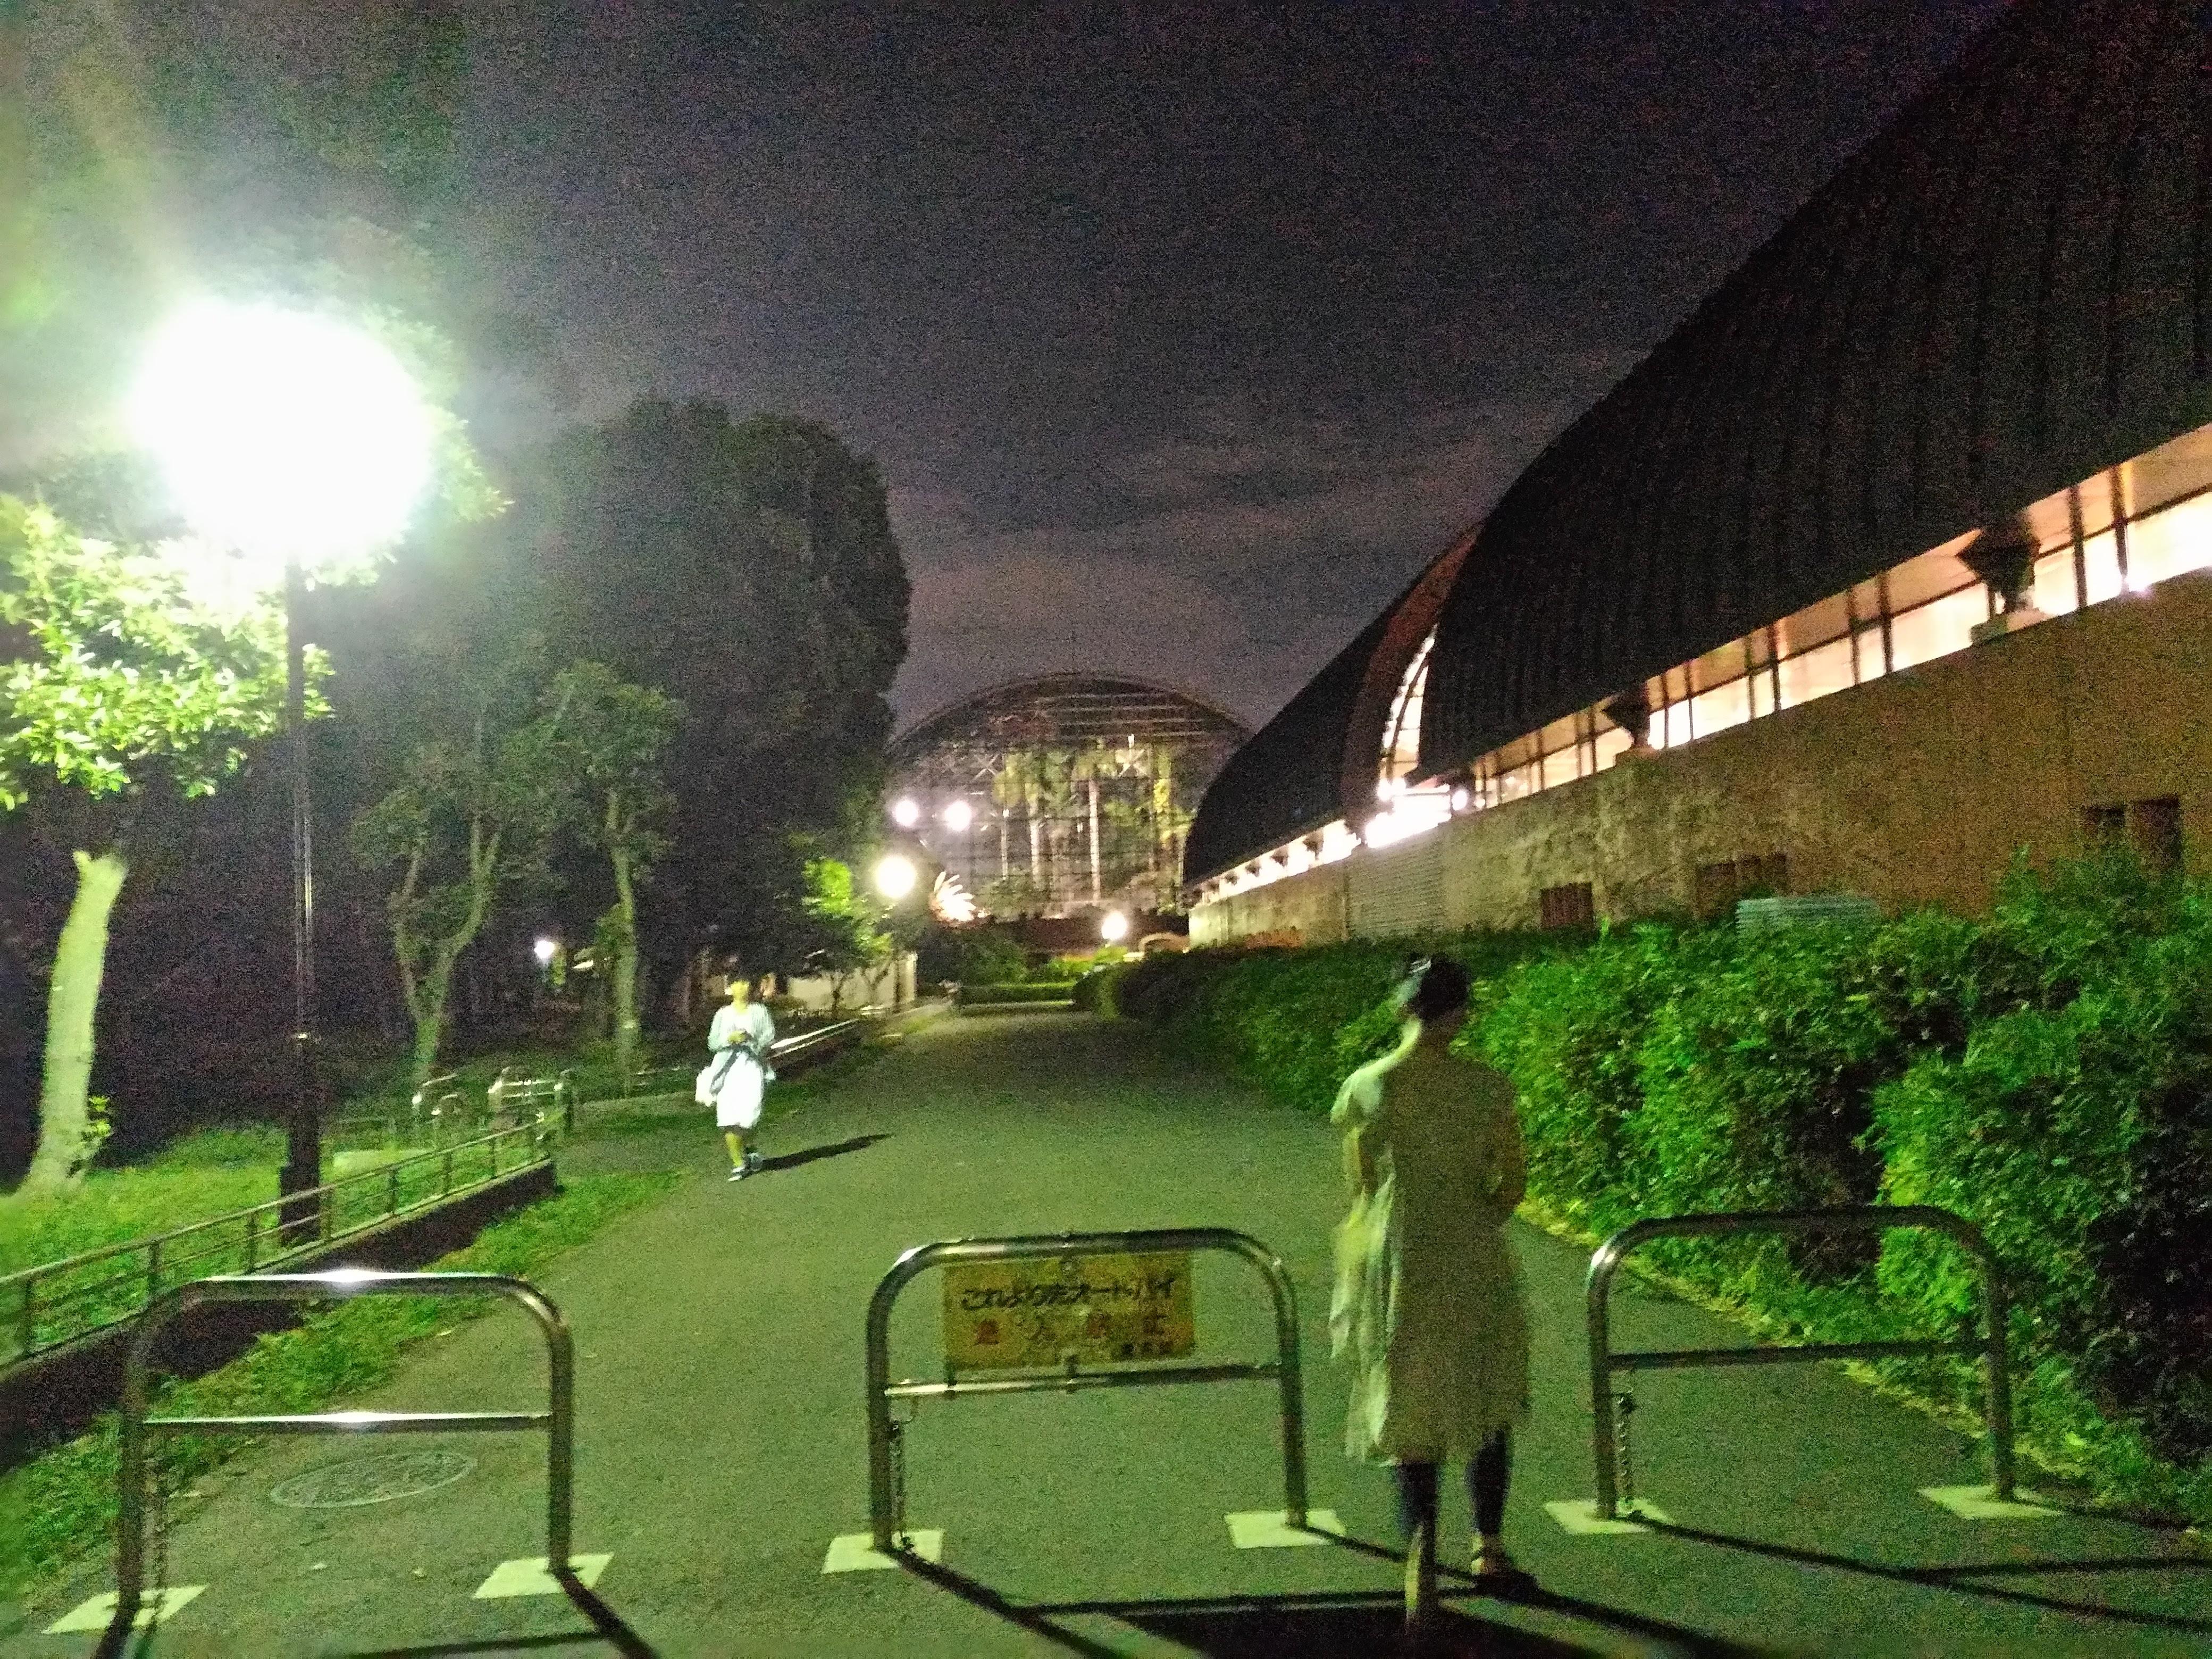 0980-201508_Yumenoshima Tropical Greenhouse Dome 08